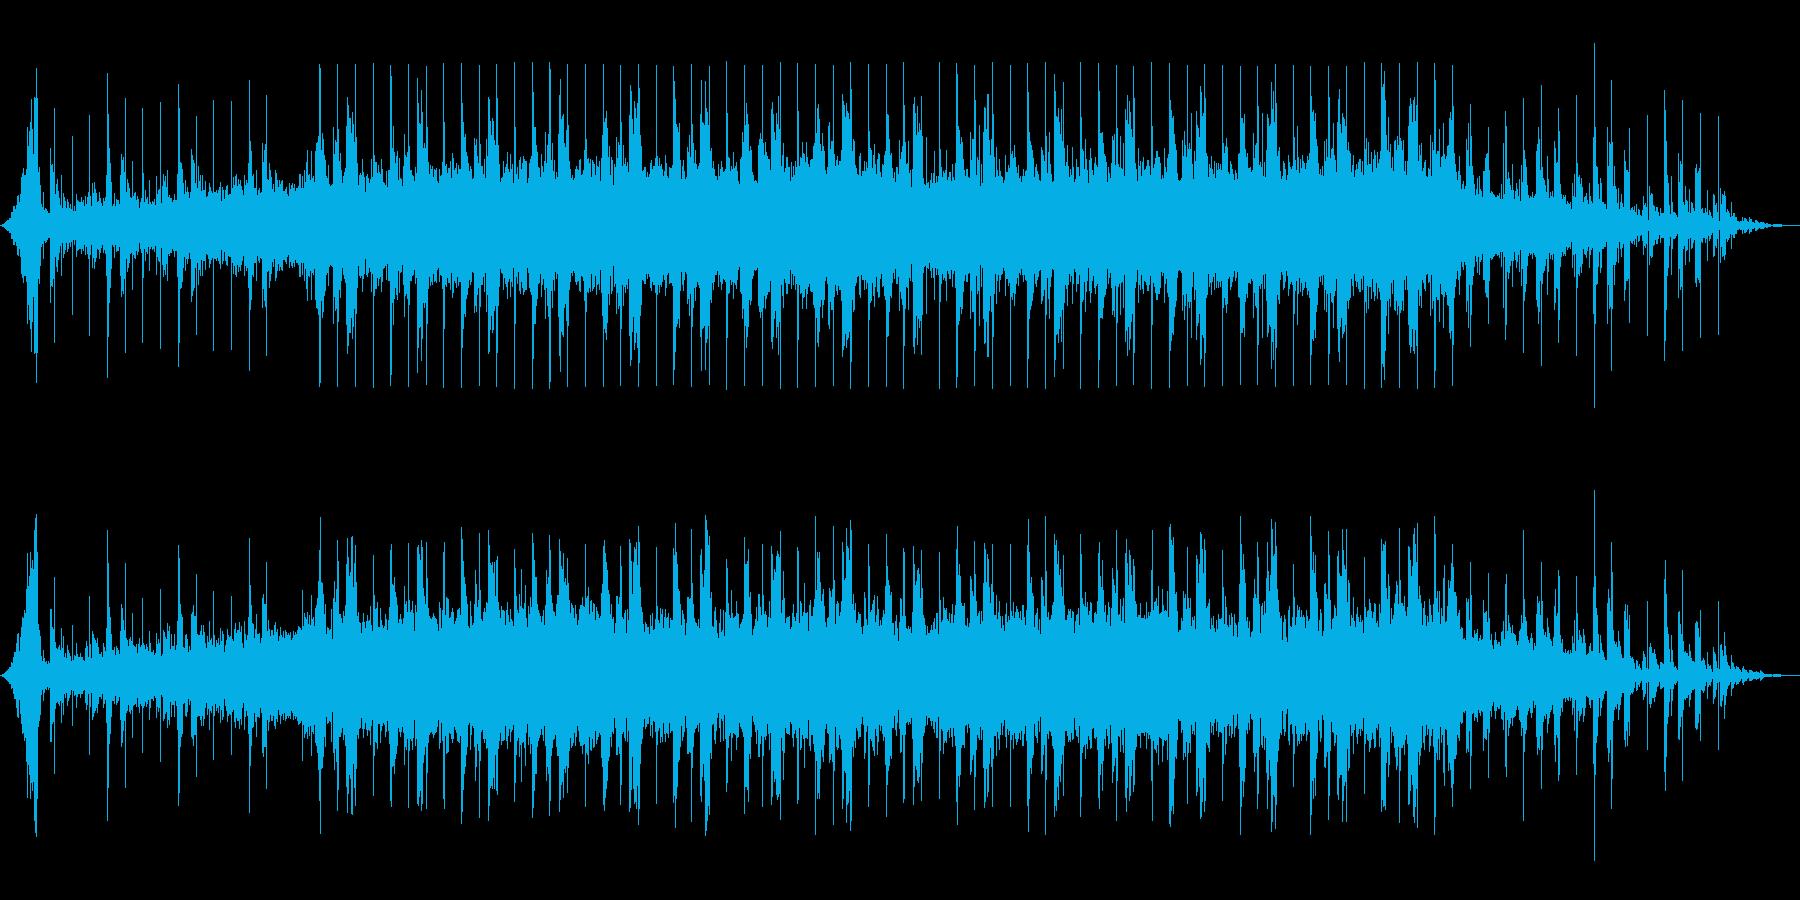 明るく透明感のあるギター・ピアノポップの再生済みの波形